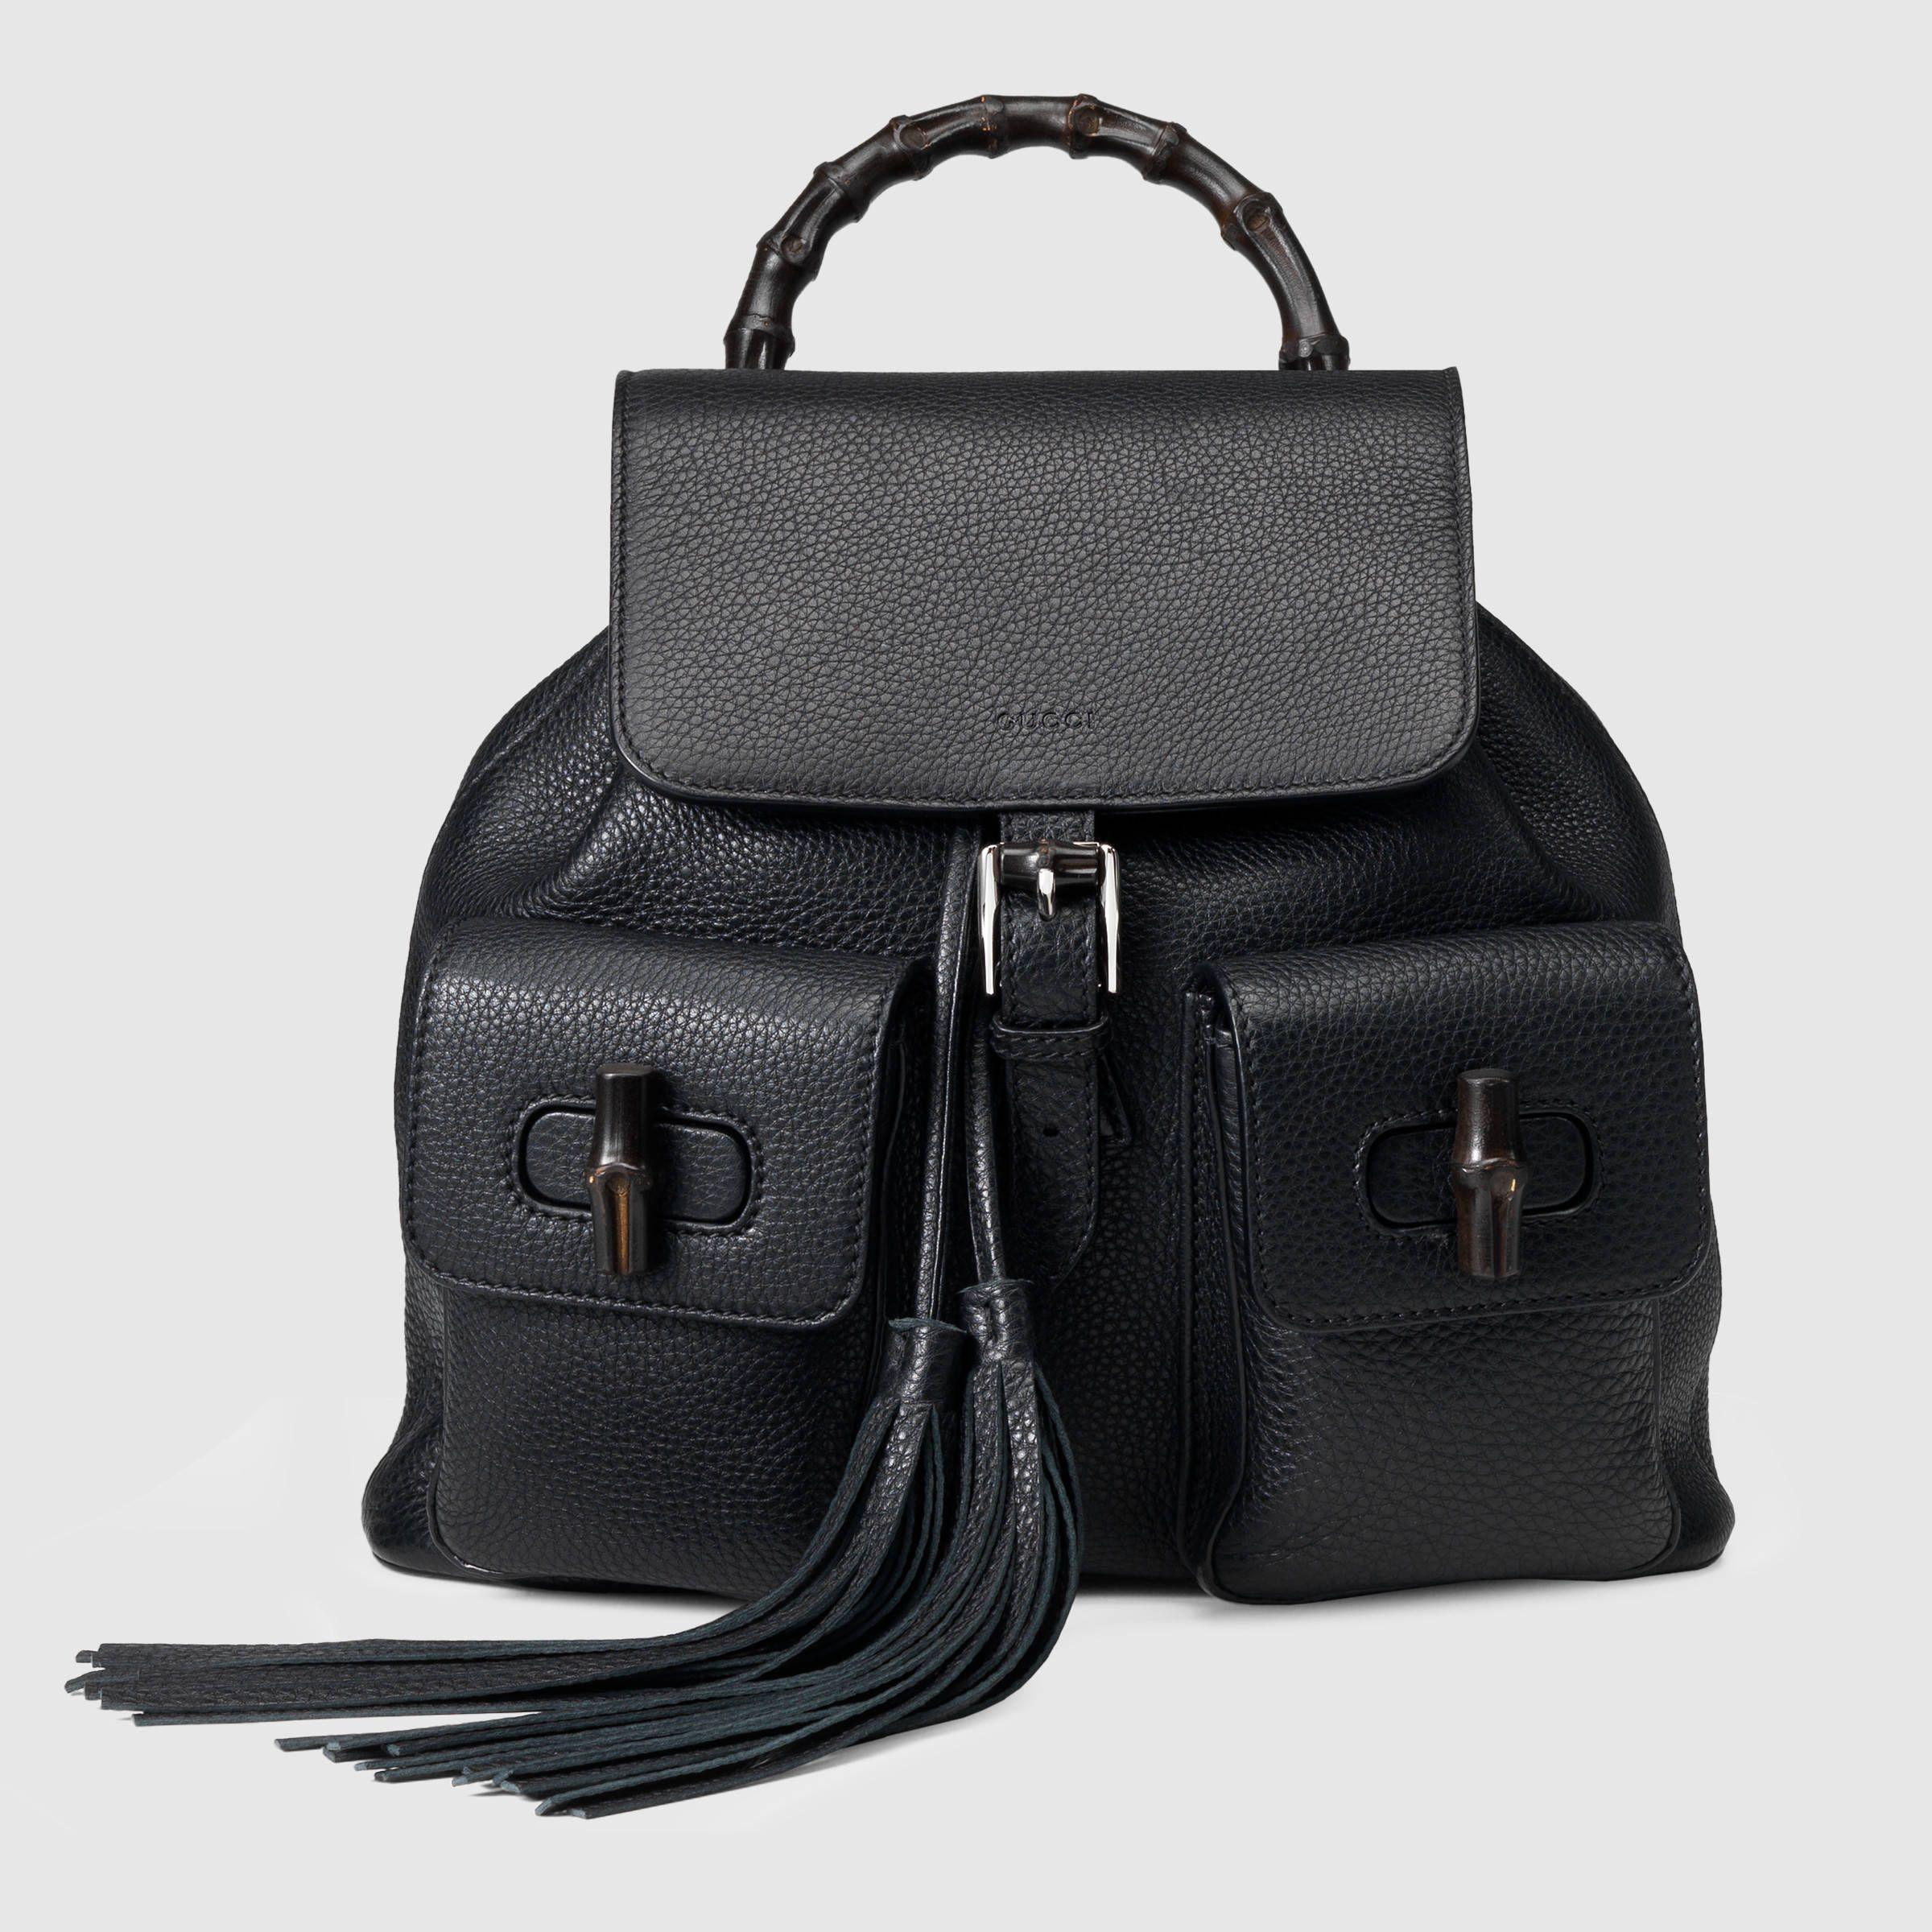 70b0f1ac1e0 Gucci Women - Bamboo leather backpack - 370833A7M0N1000